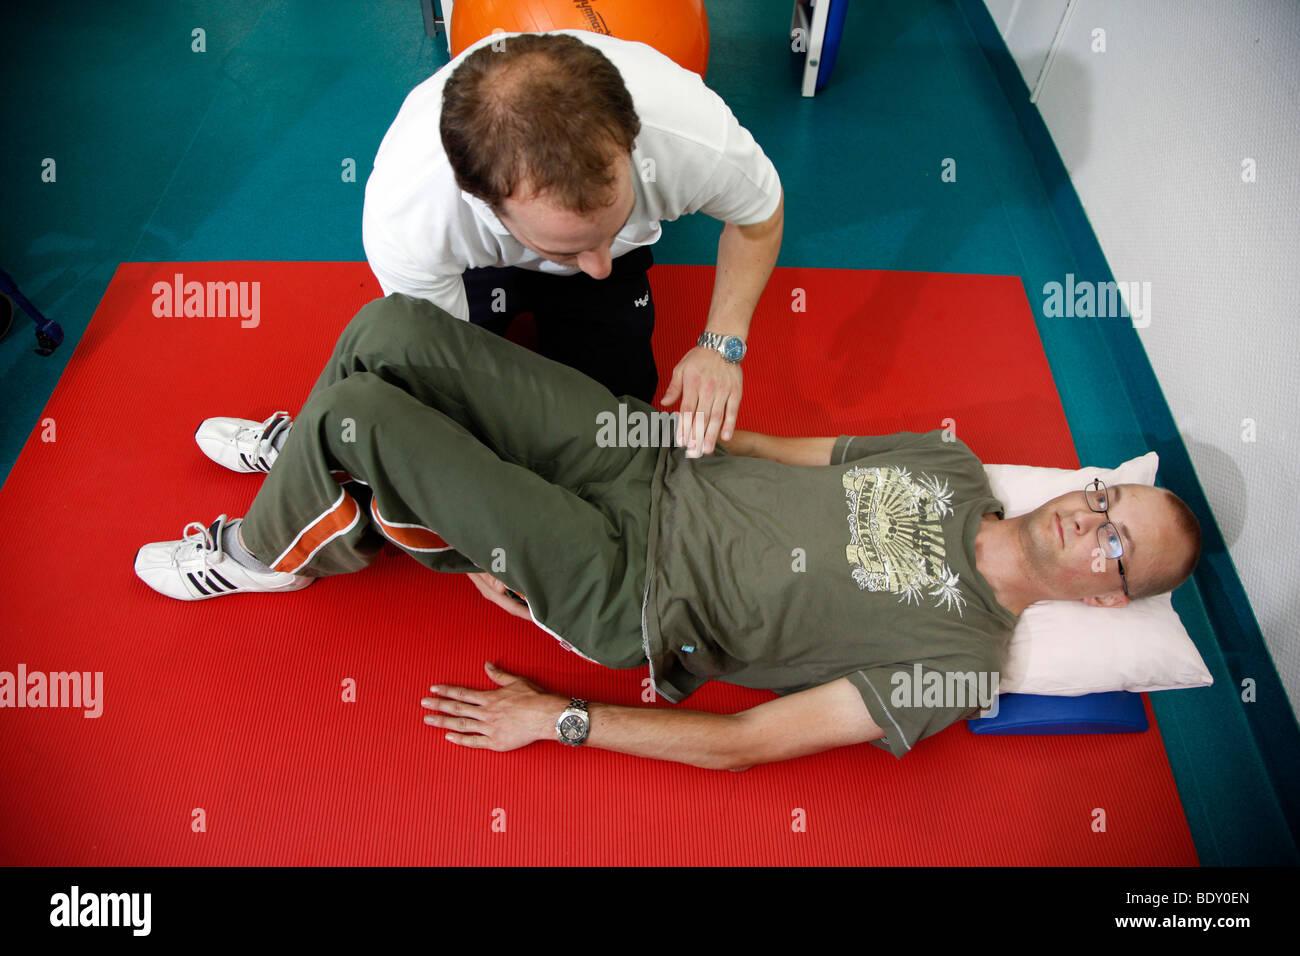 Centre de réadaptation neurologique, de physiothérapie et de gymnastique médicale, Bonn, Allemagne Photo Stock